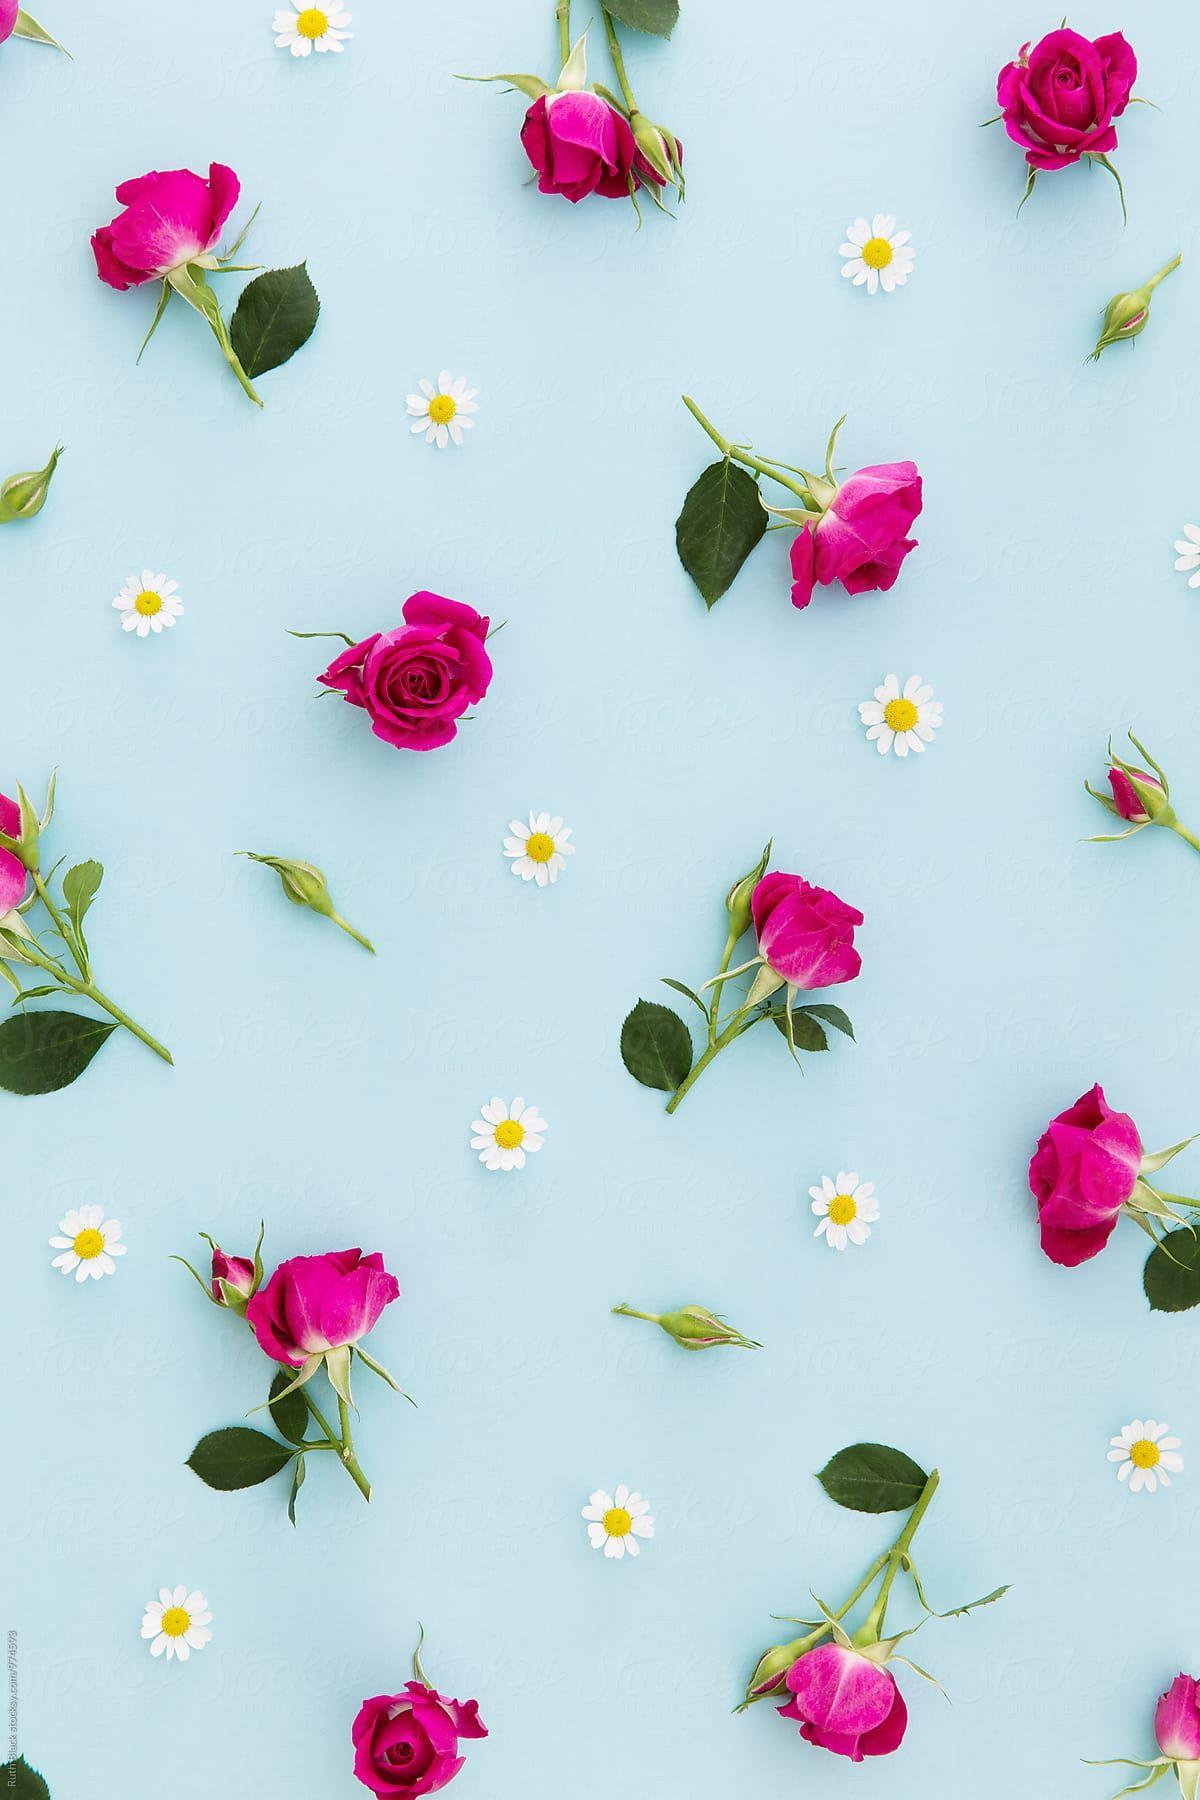 Summer Flower Background Download this highresolution